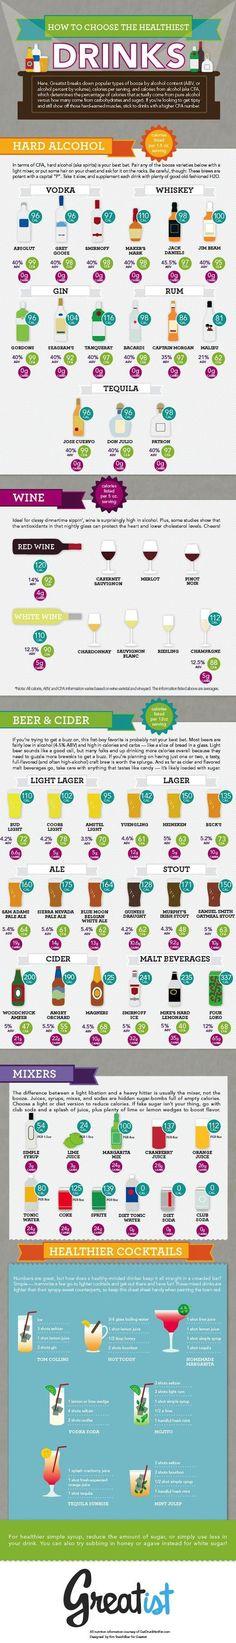 Vodka, beer or wine?